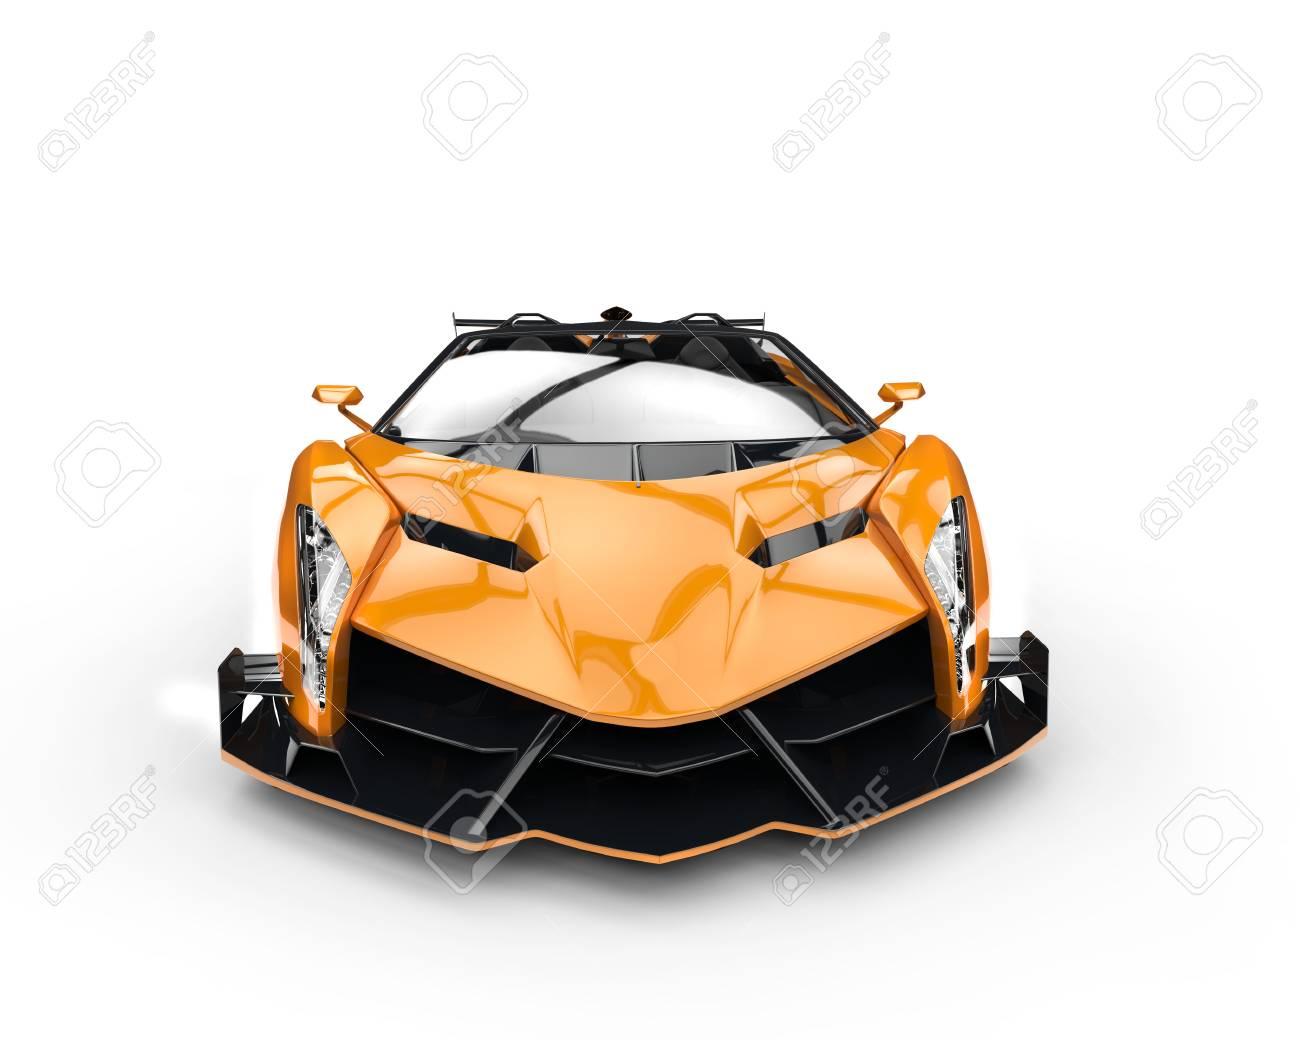 Immagini stock arancione corsa supercar studio di illuminazione